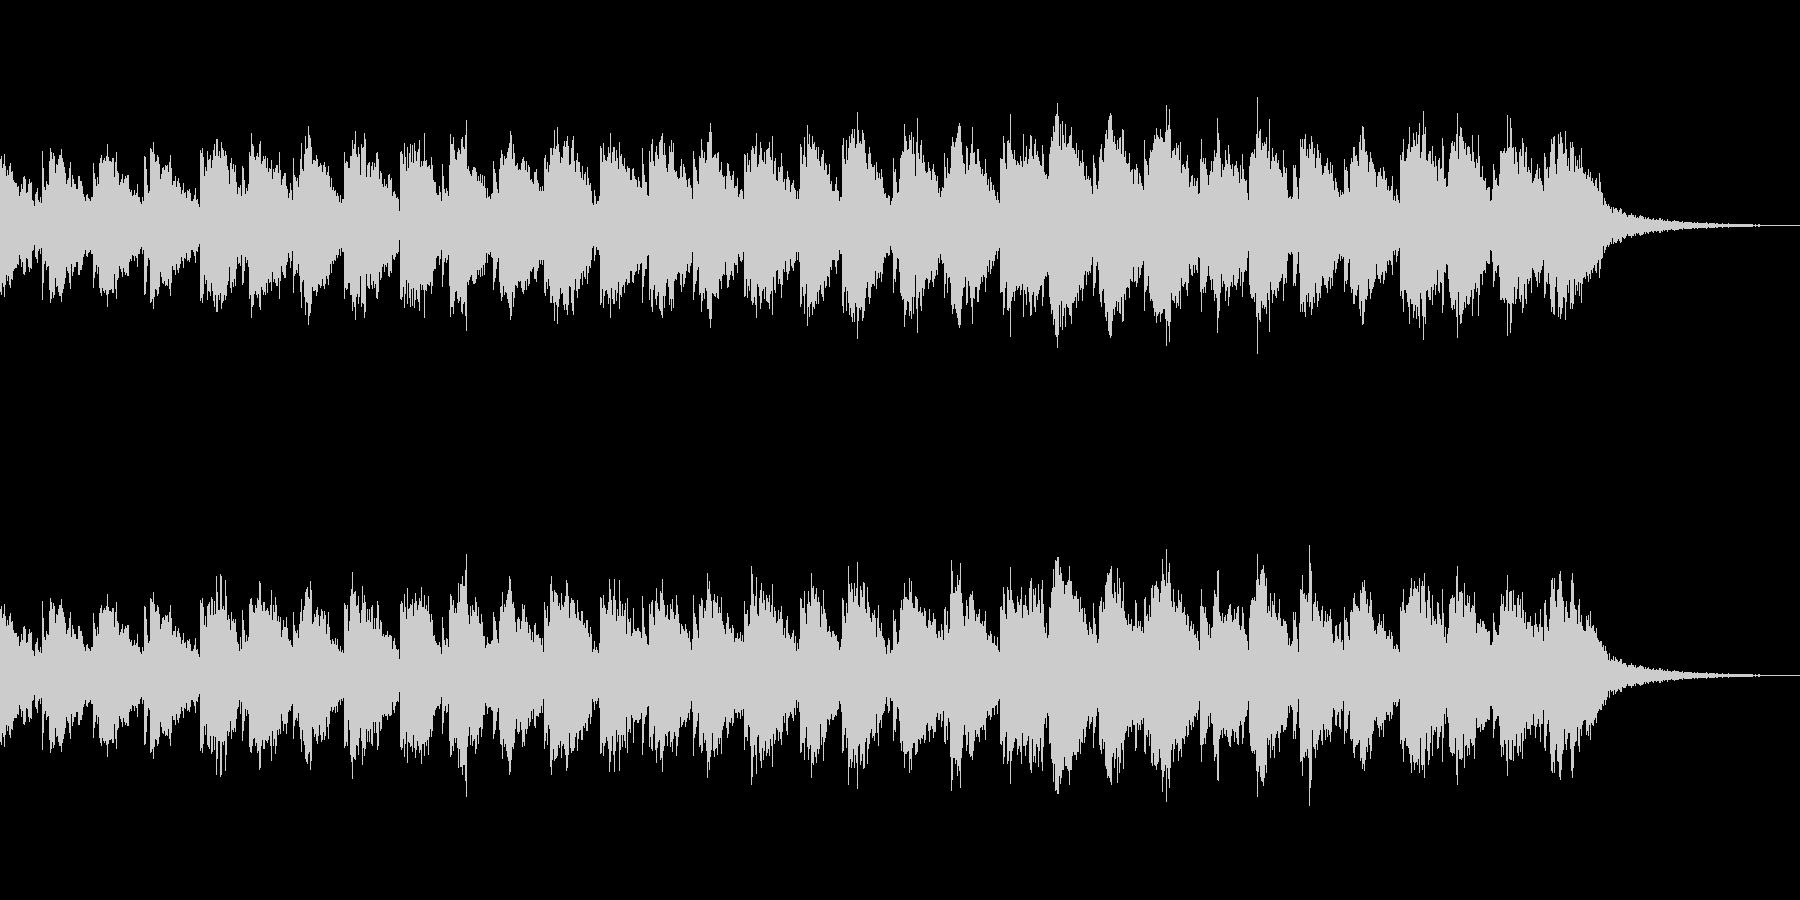 ギターとピアノ音によるアンビエントの未再生の波形